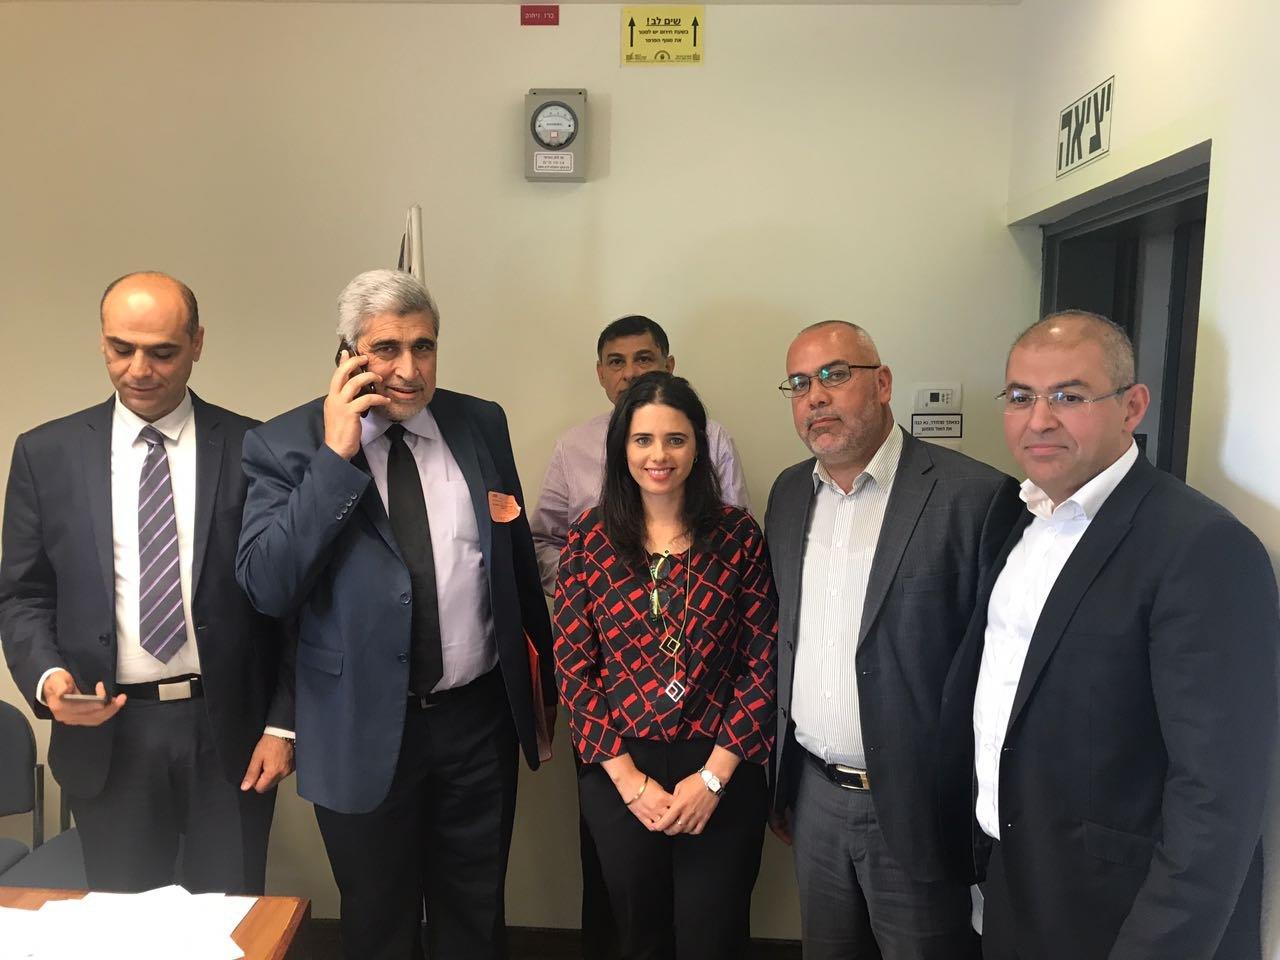 انتخاب هناء خطيب أول قاضية عربية في المحكمة الشرعية بالبلاد و4 قضاء عرب